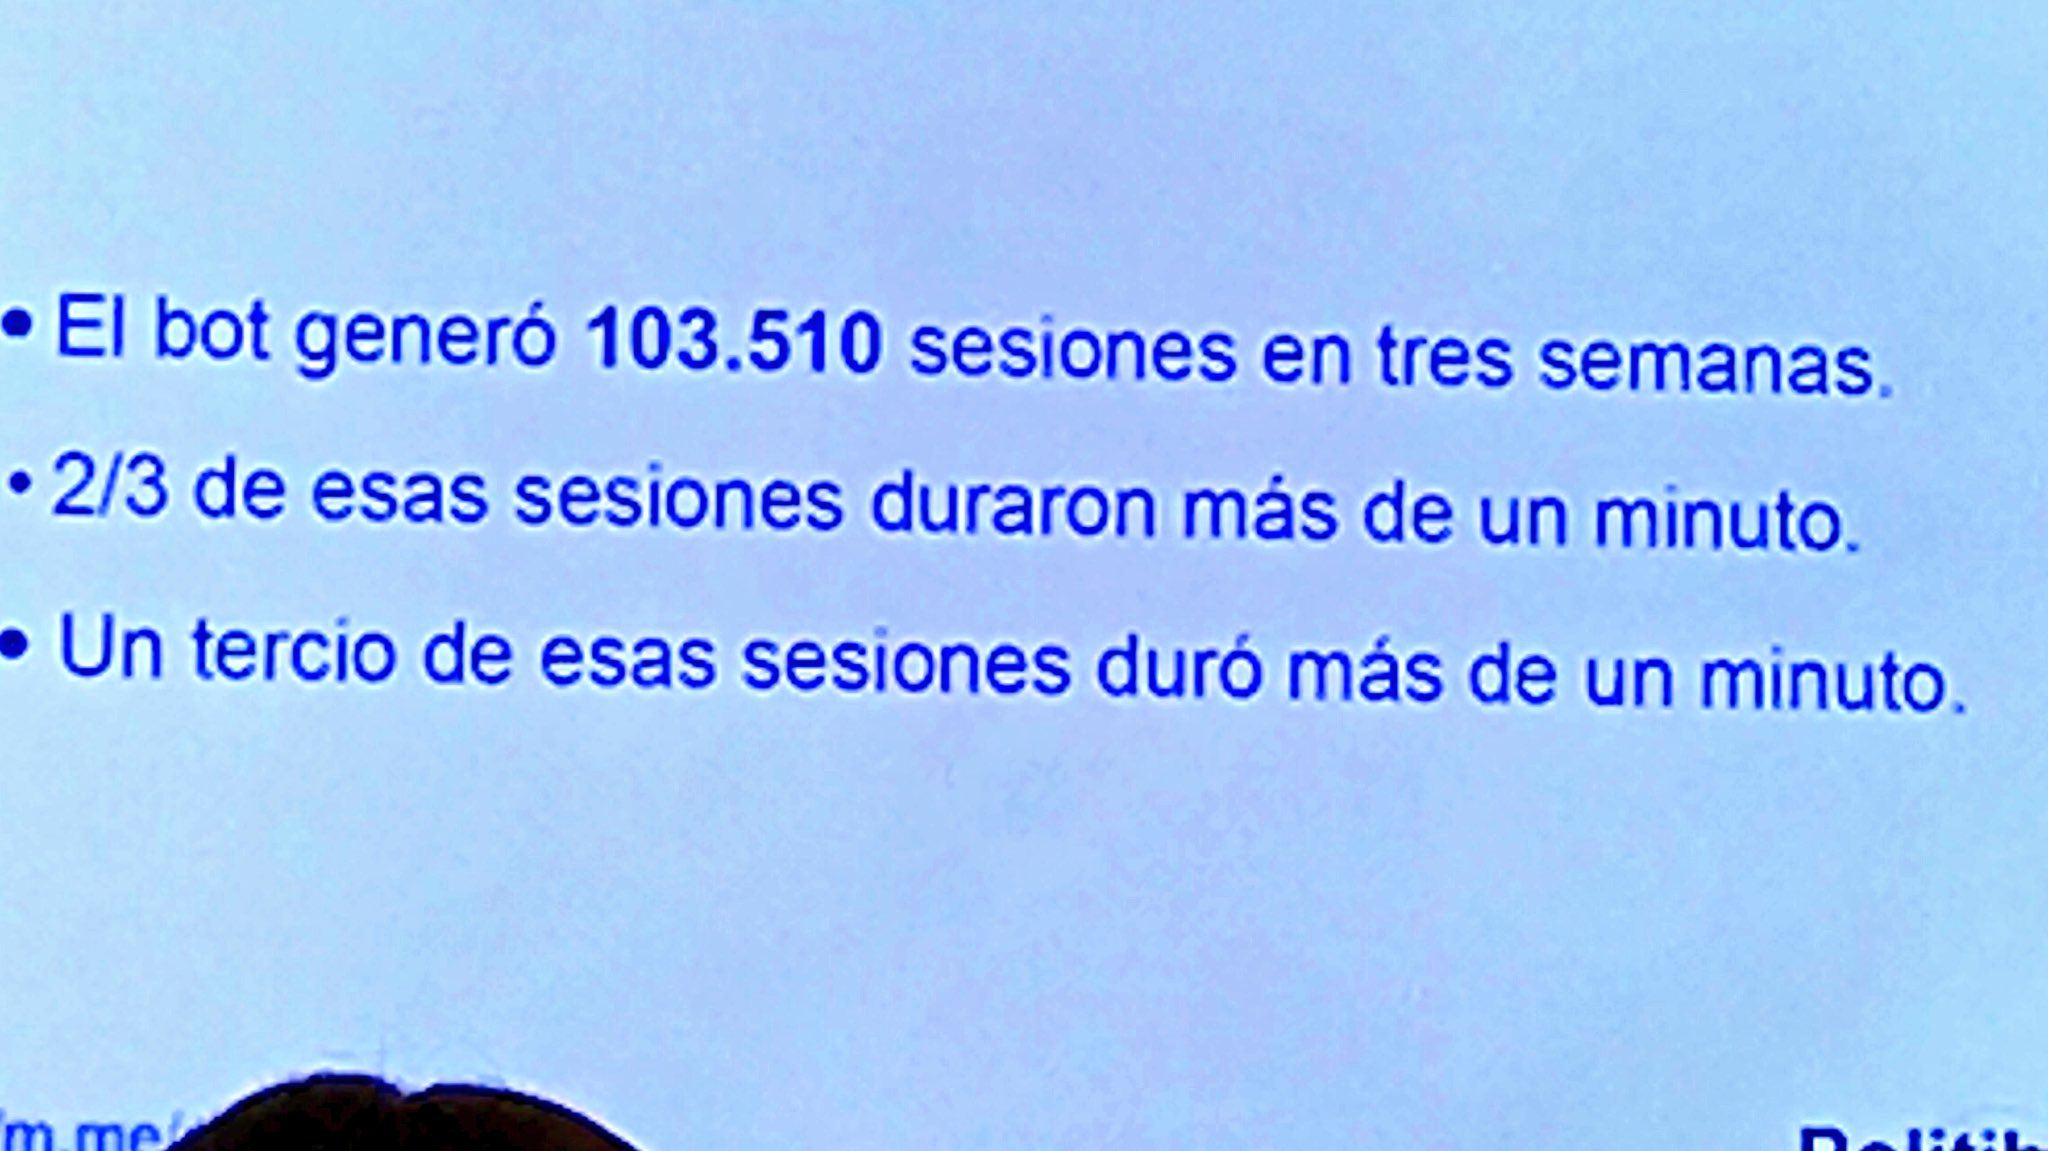 Algunas cifras sobre la experiencia de @politibot en la campaña española de 2016. #MoJoBCN https://t.co/xC2IFWYFfA